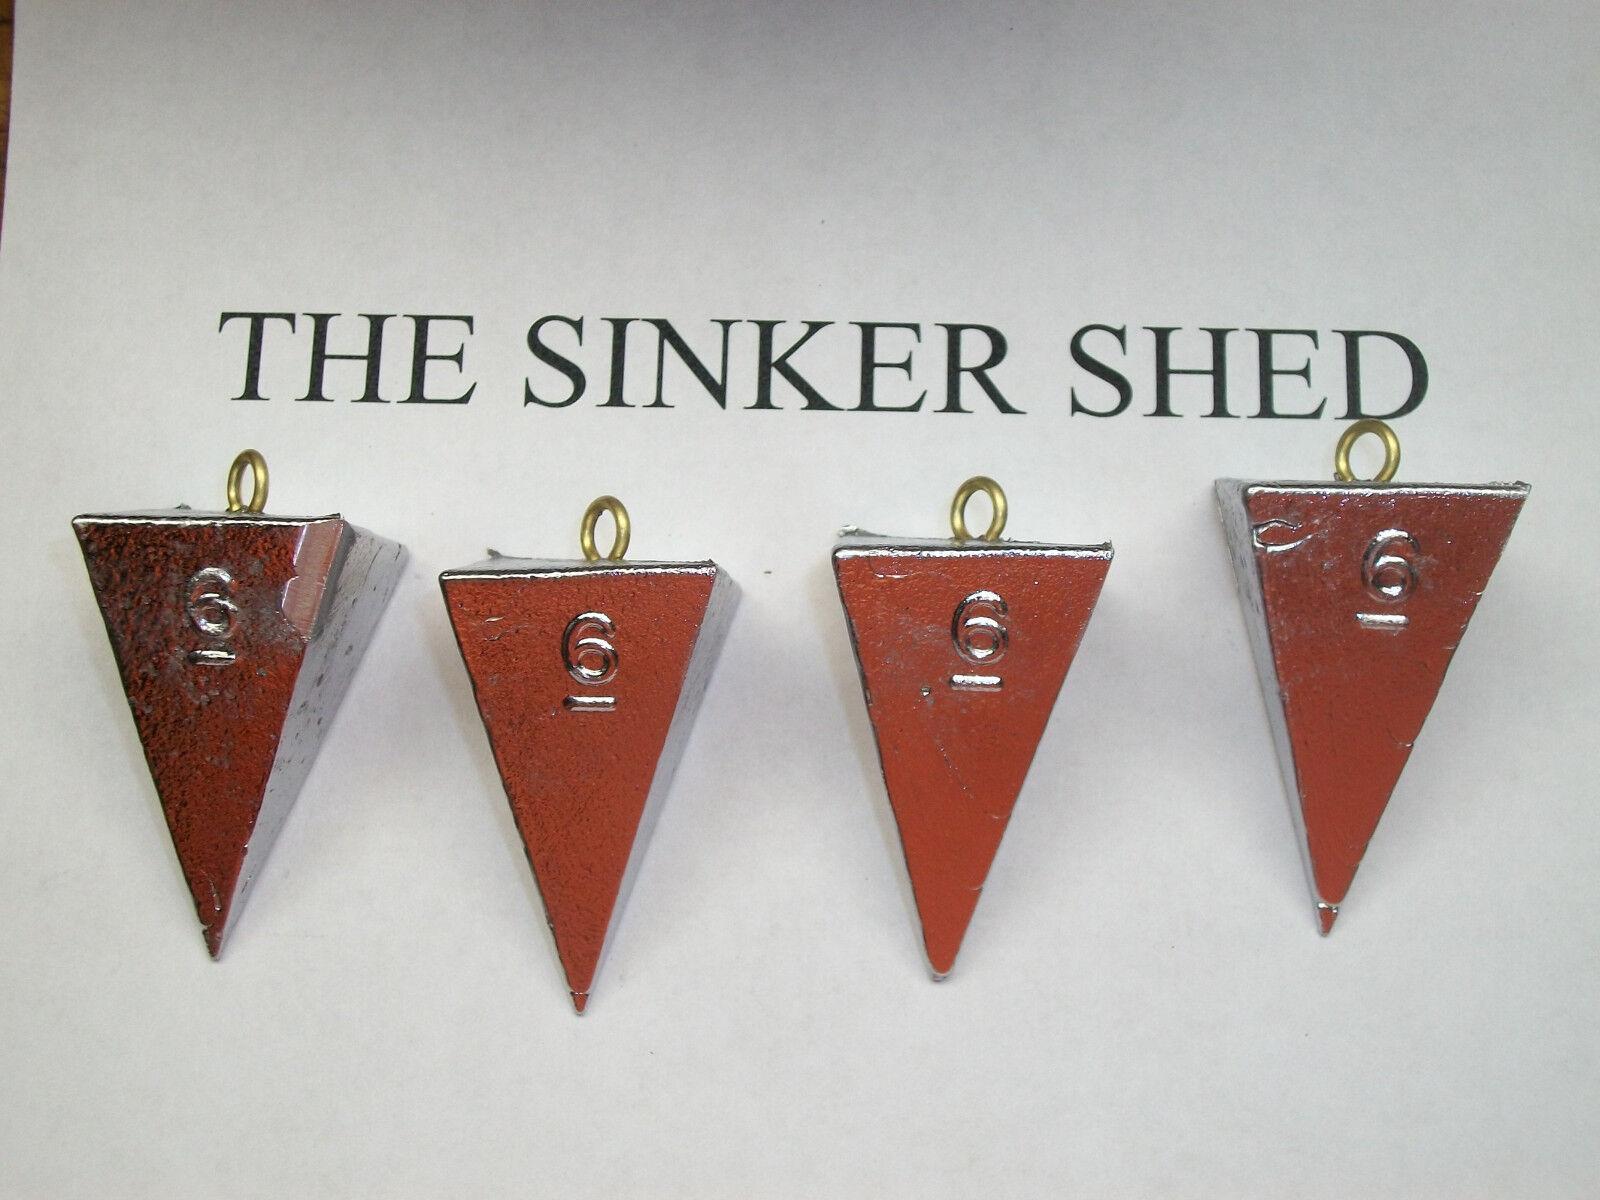 6 oz pyramid sinkers - choose quantity 6 12 25 50 100 - FREE SHIPPING